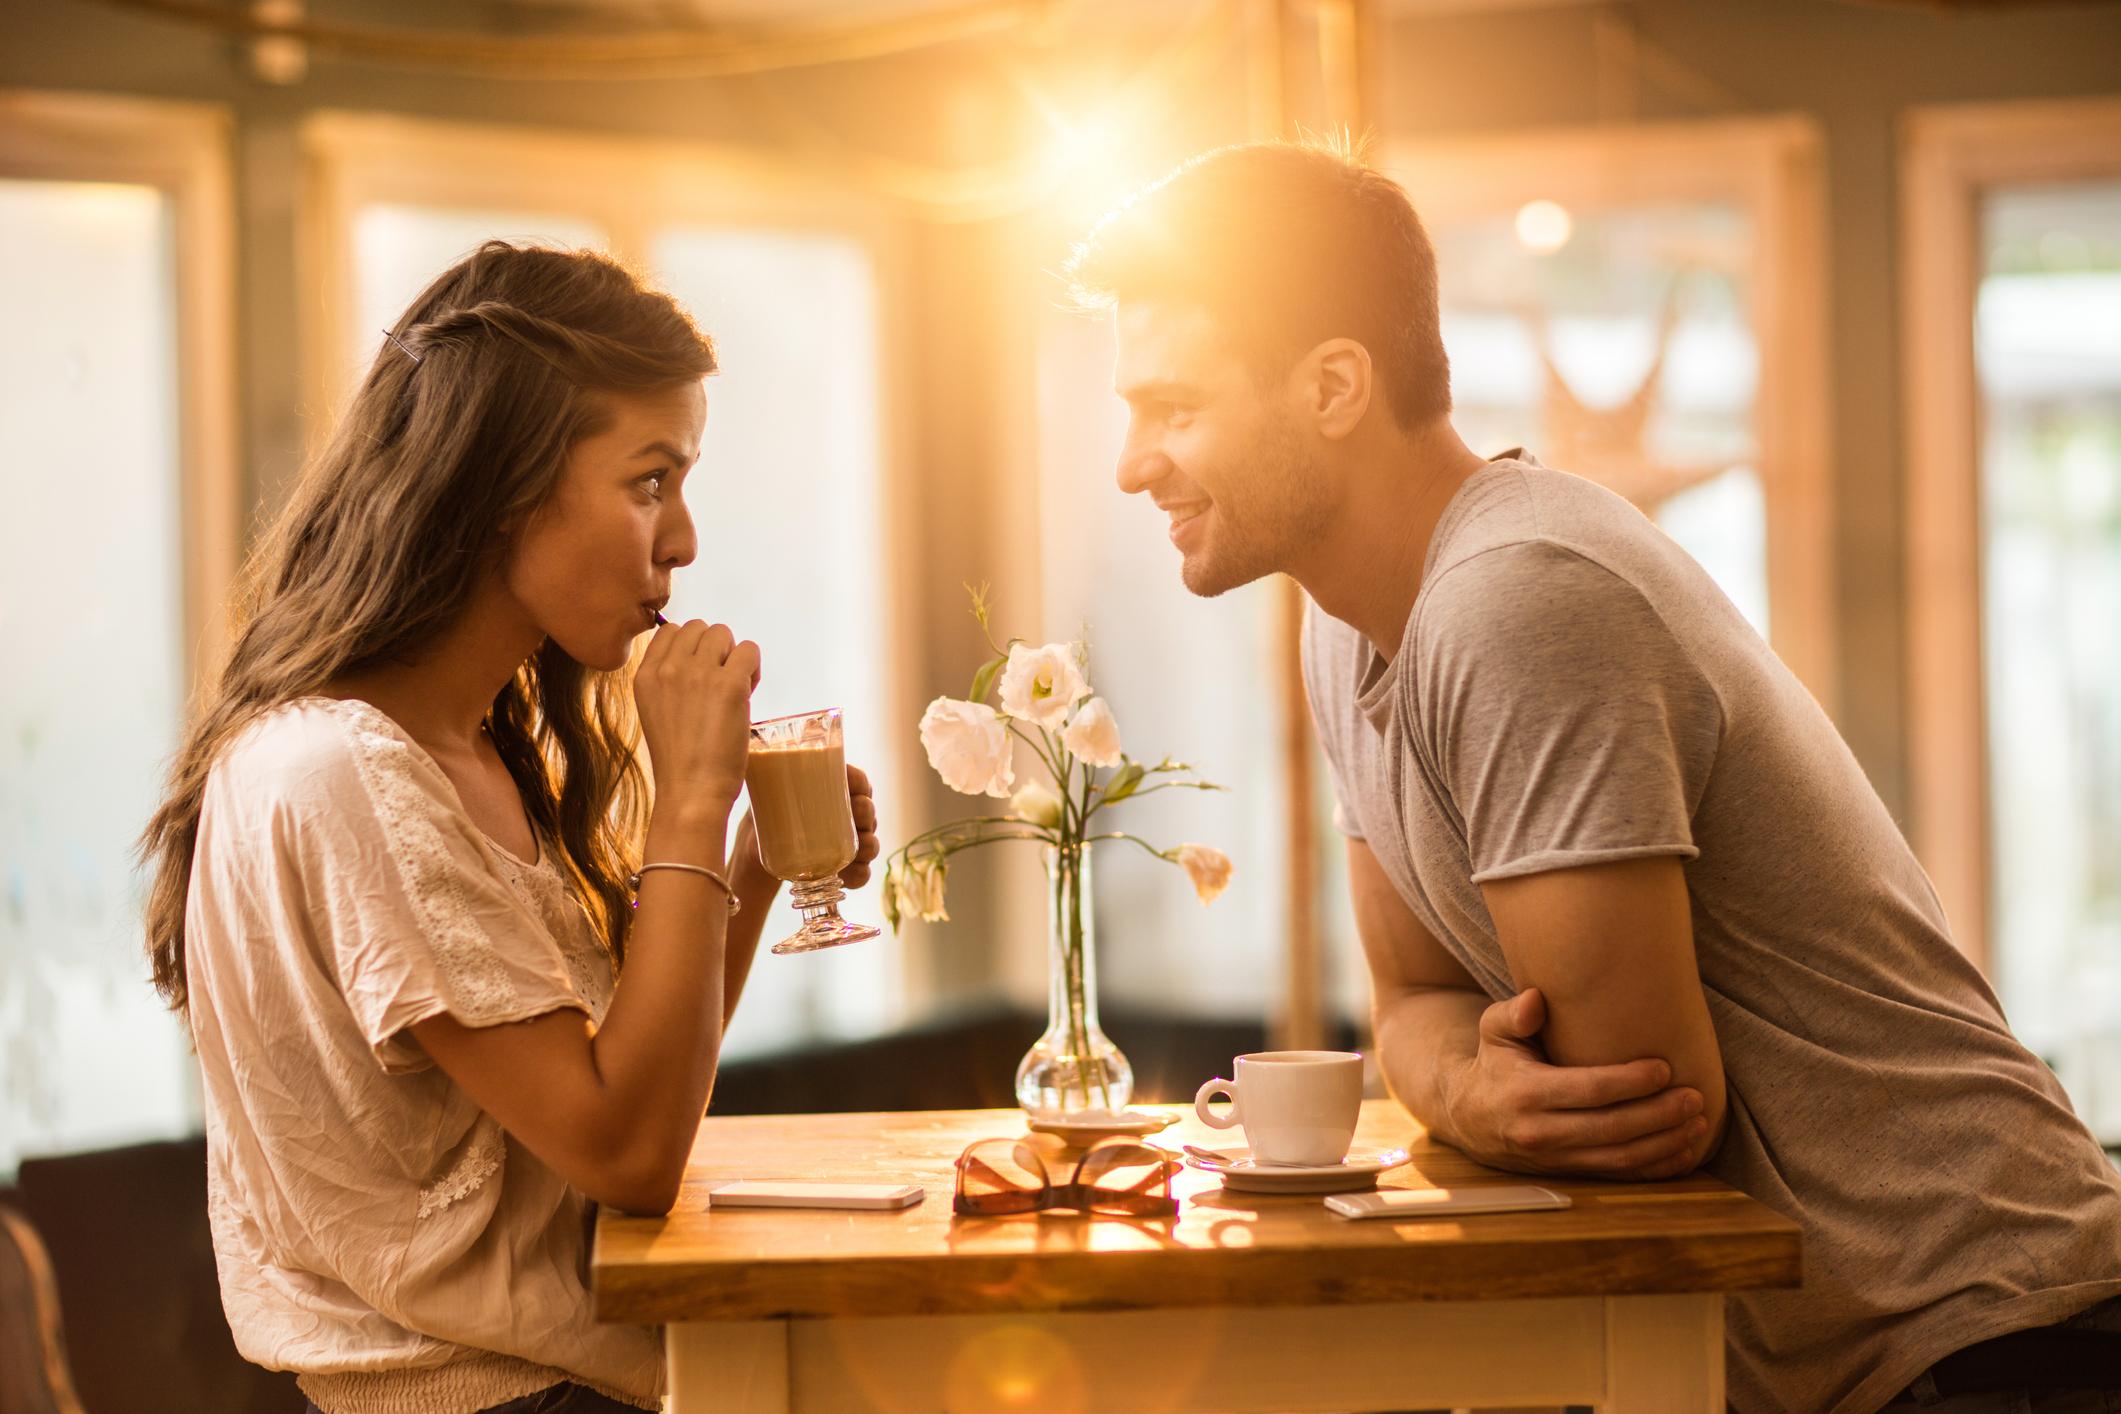 Влюбвал/а ли си се някога?<br /> Каква е целта на този въпрос? Да разберем дали човекът отсреща е в състояние да обича? Или пък дали все още е влюбен в някого? Отговорът на този въпрос може да развали вечерта, така че по-добре въобще не го задавайте